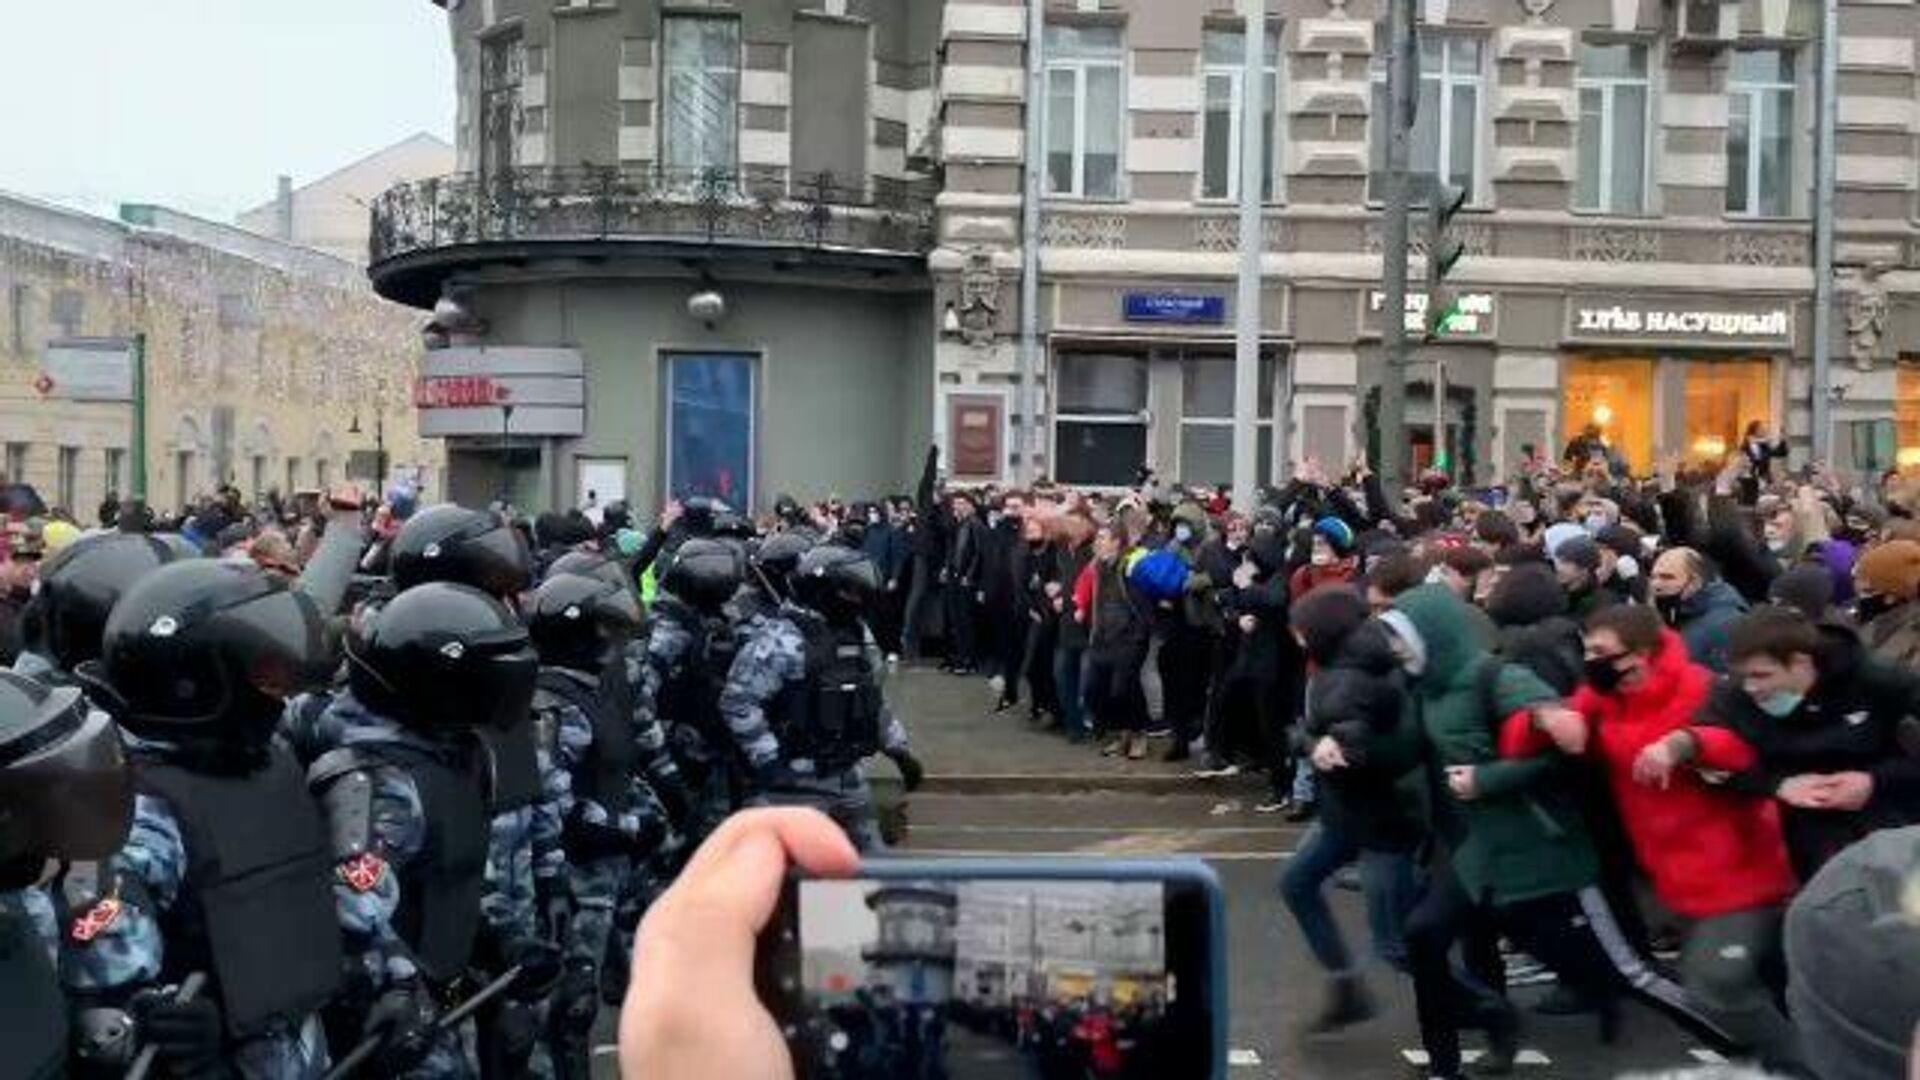 Участники акции стенкой напали на кордон полиции на Пушкинской площади - РИА Новости, 1920, 23.01.2021